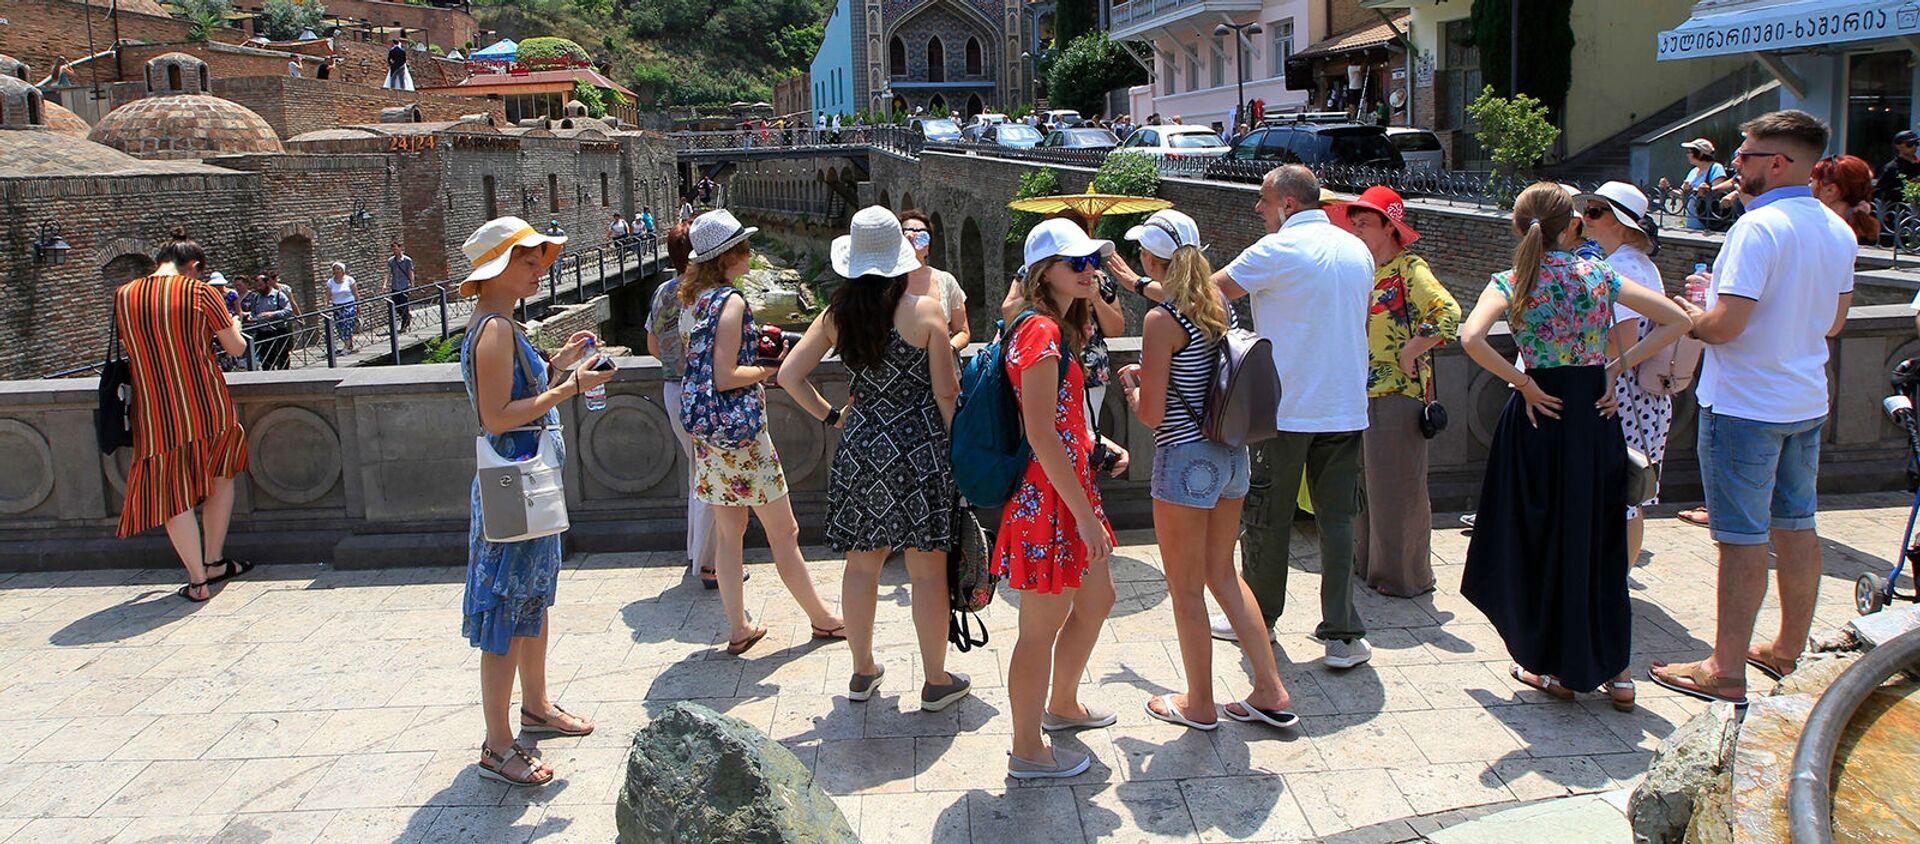 Группа туристов из России в центре Тбилиси (22 июня 2019). Грузия - Sputnik Արմենիա, 1920, 28.06.2021